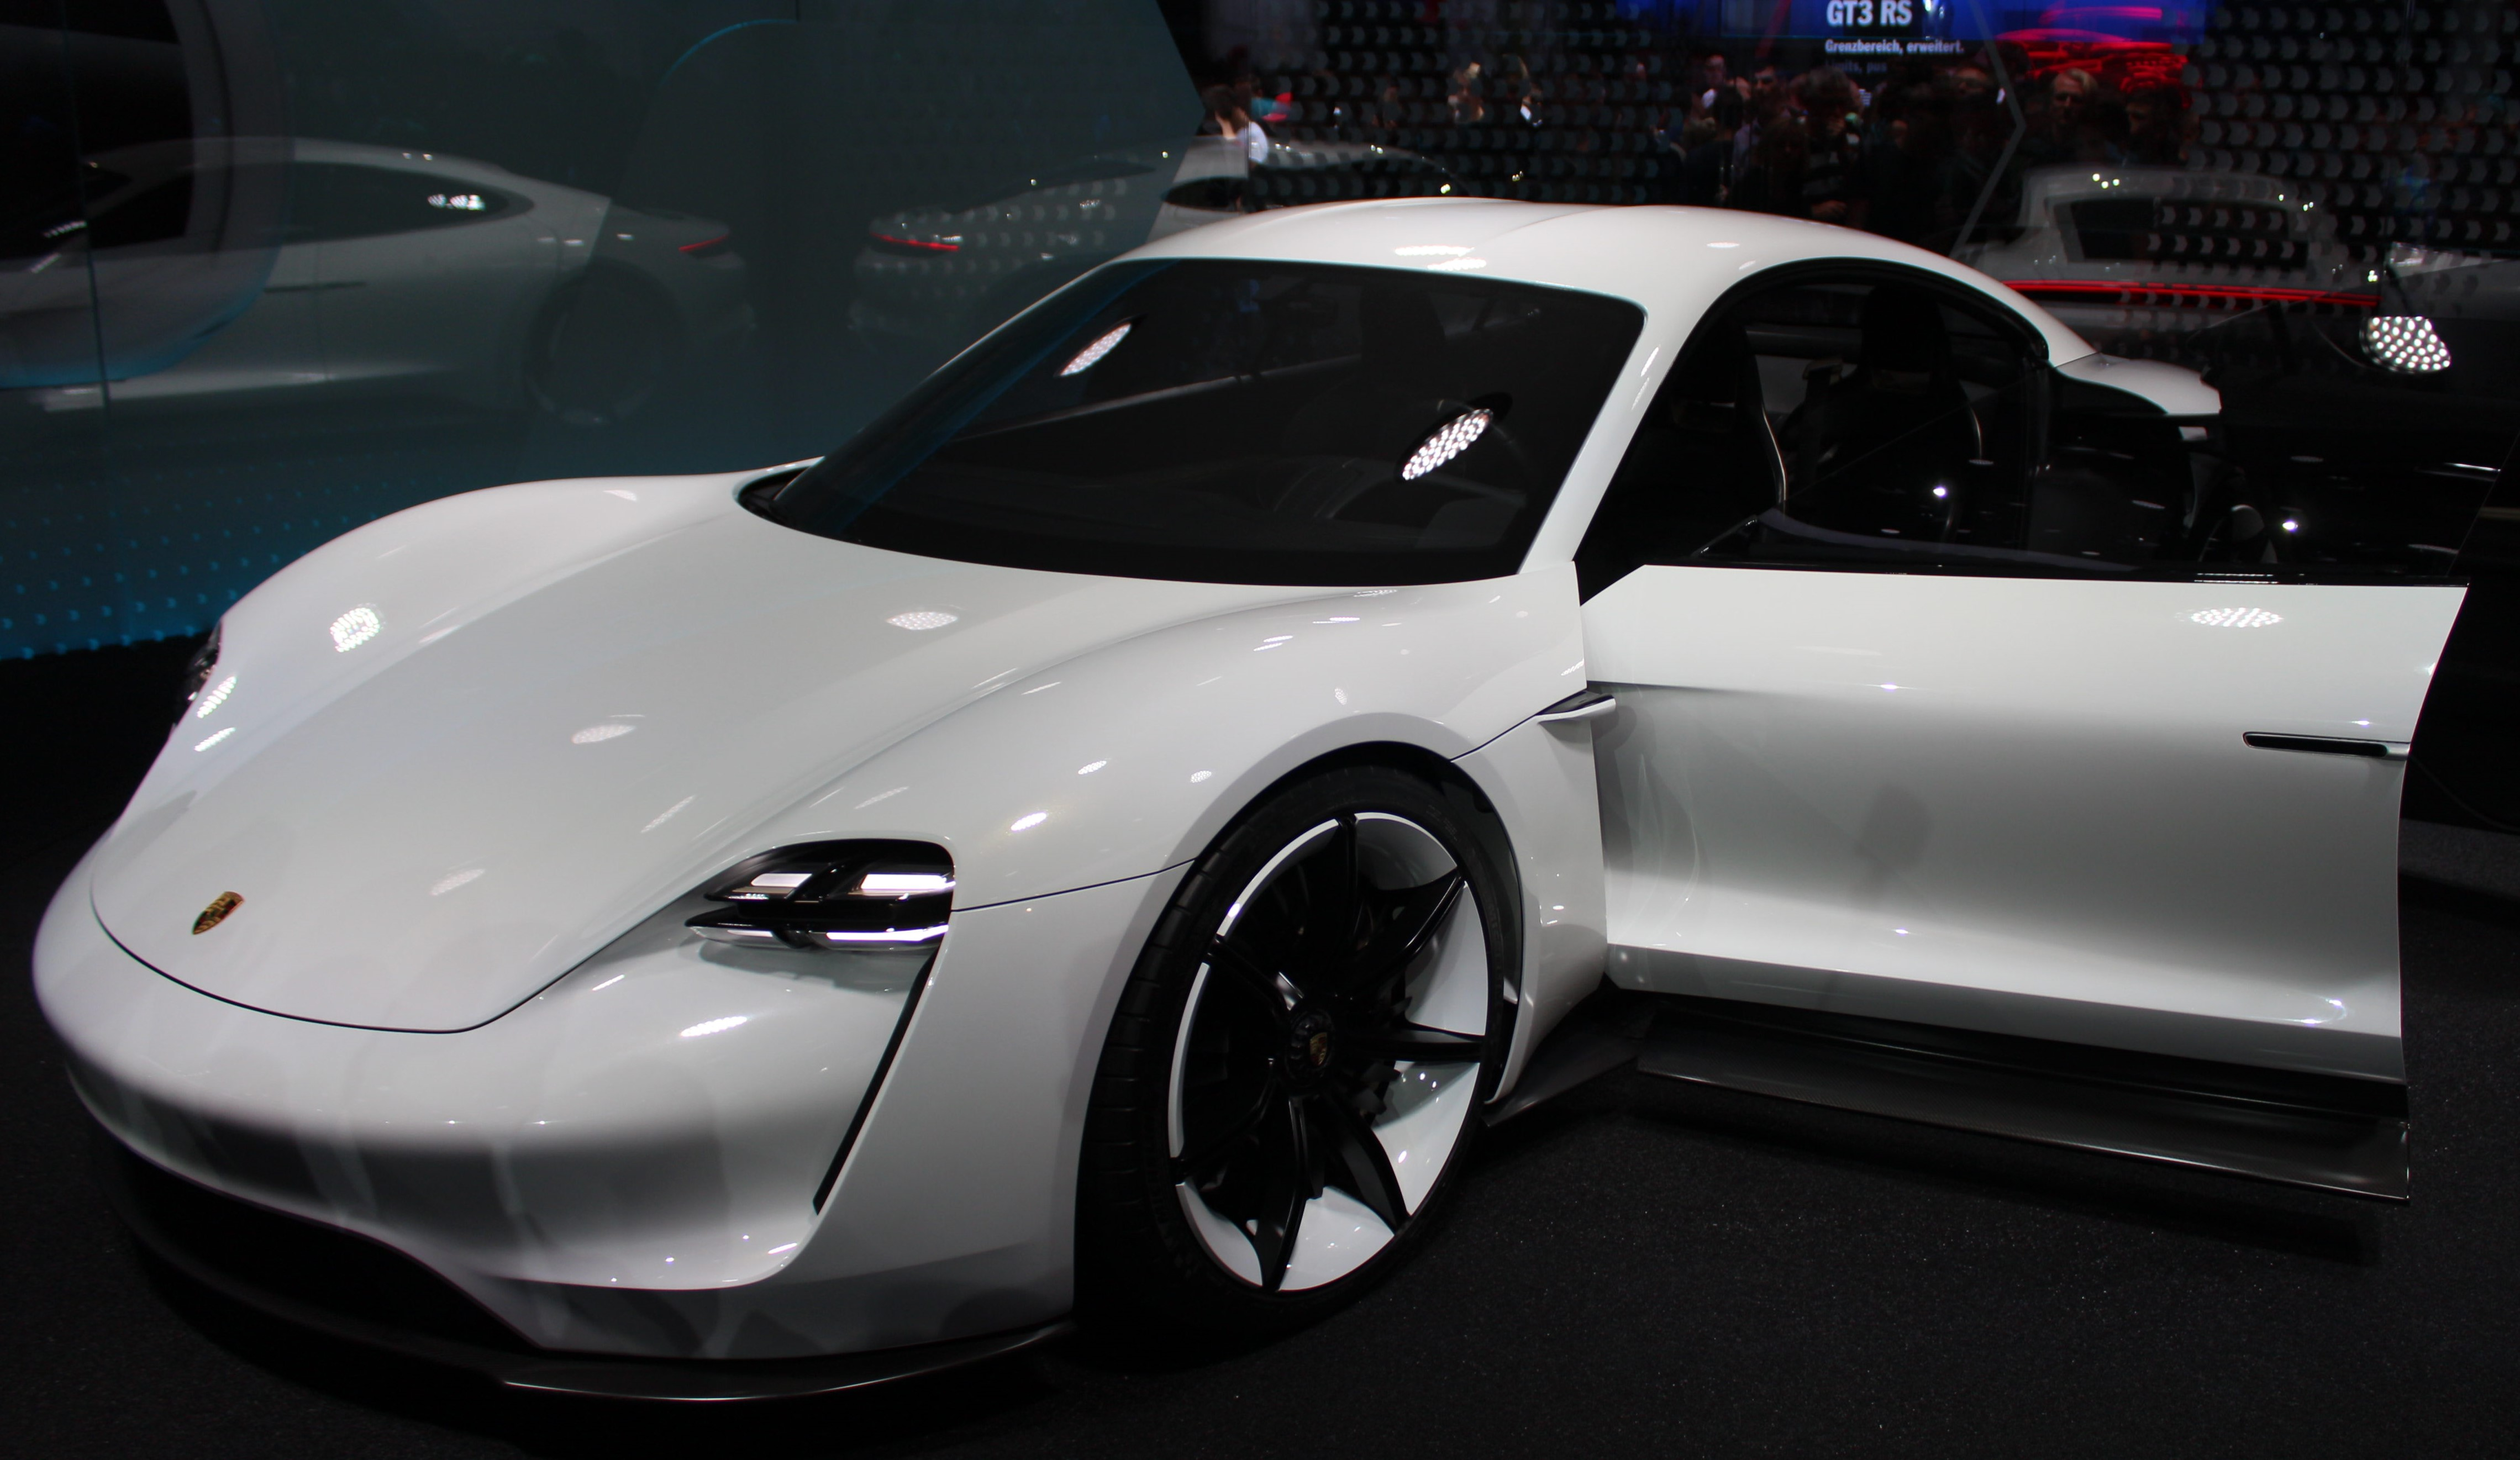 Läckra el-sportsedanen Concept Mission-E lär stå modell för en ny fyradörrarsbil under Panamera och ge en försmak på en framtida designlinje.